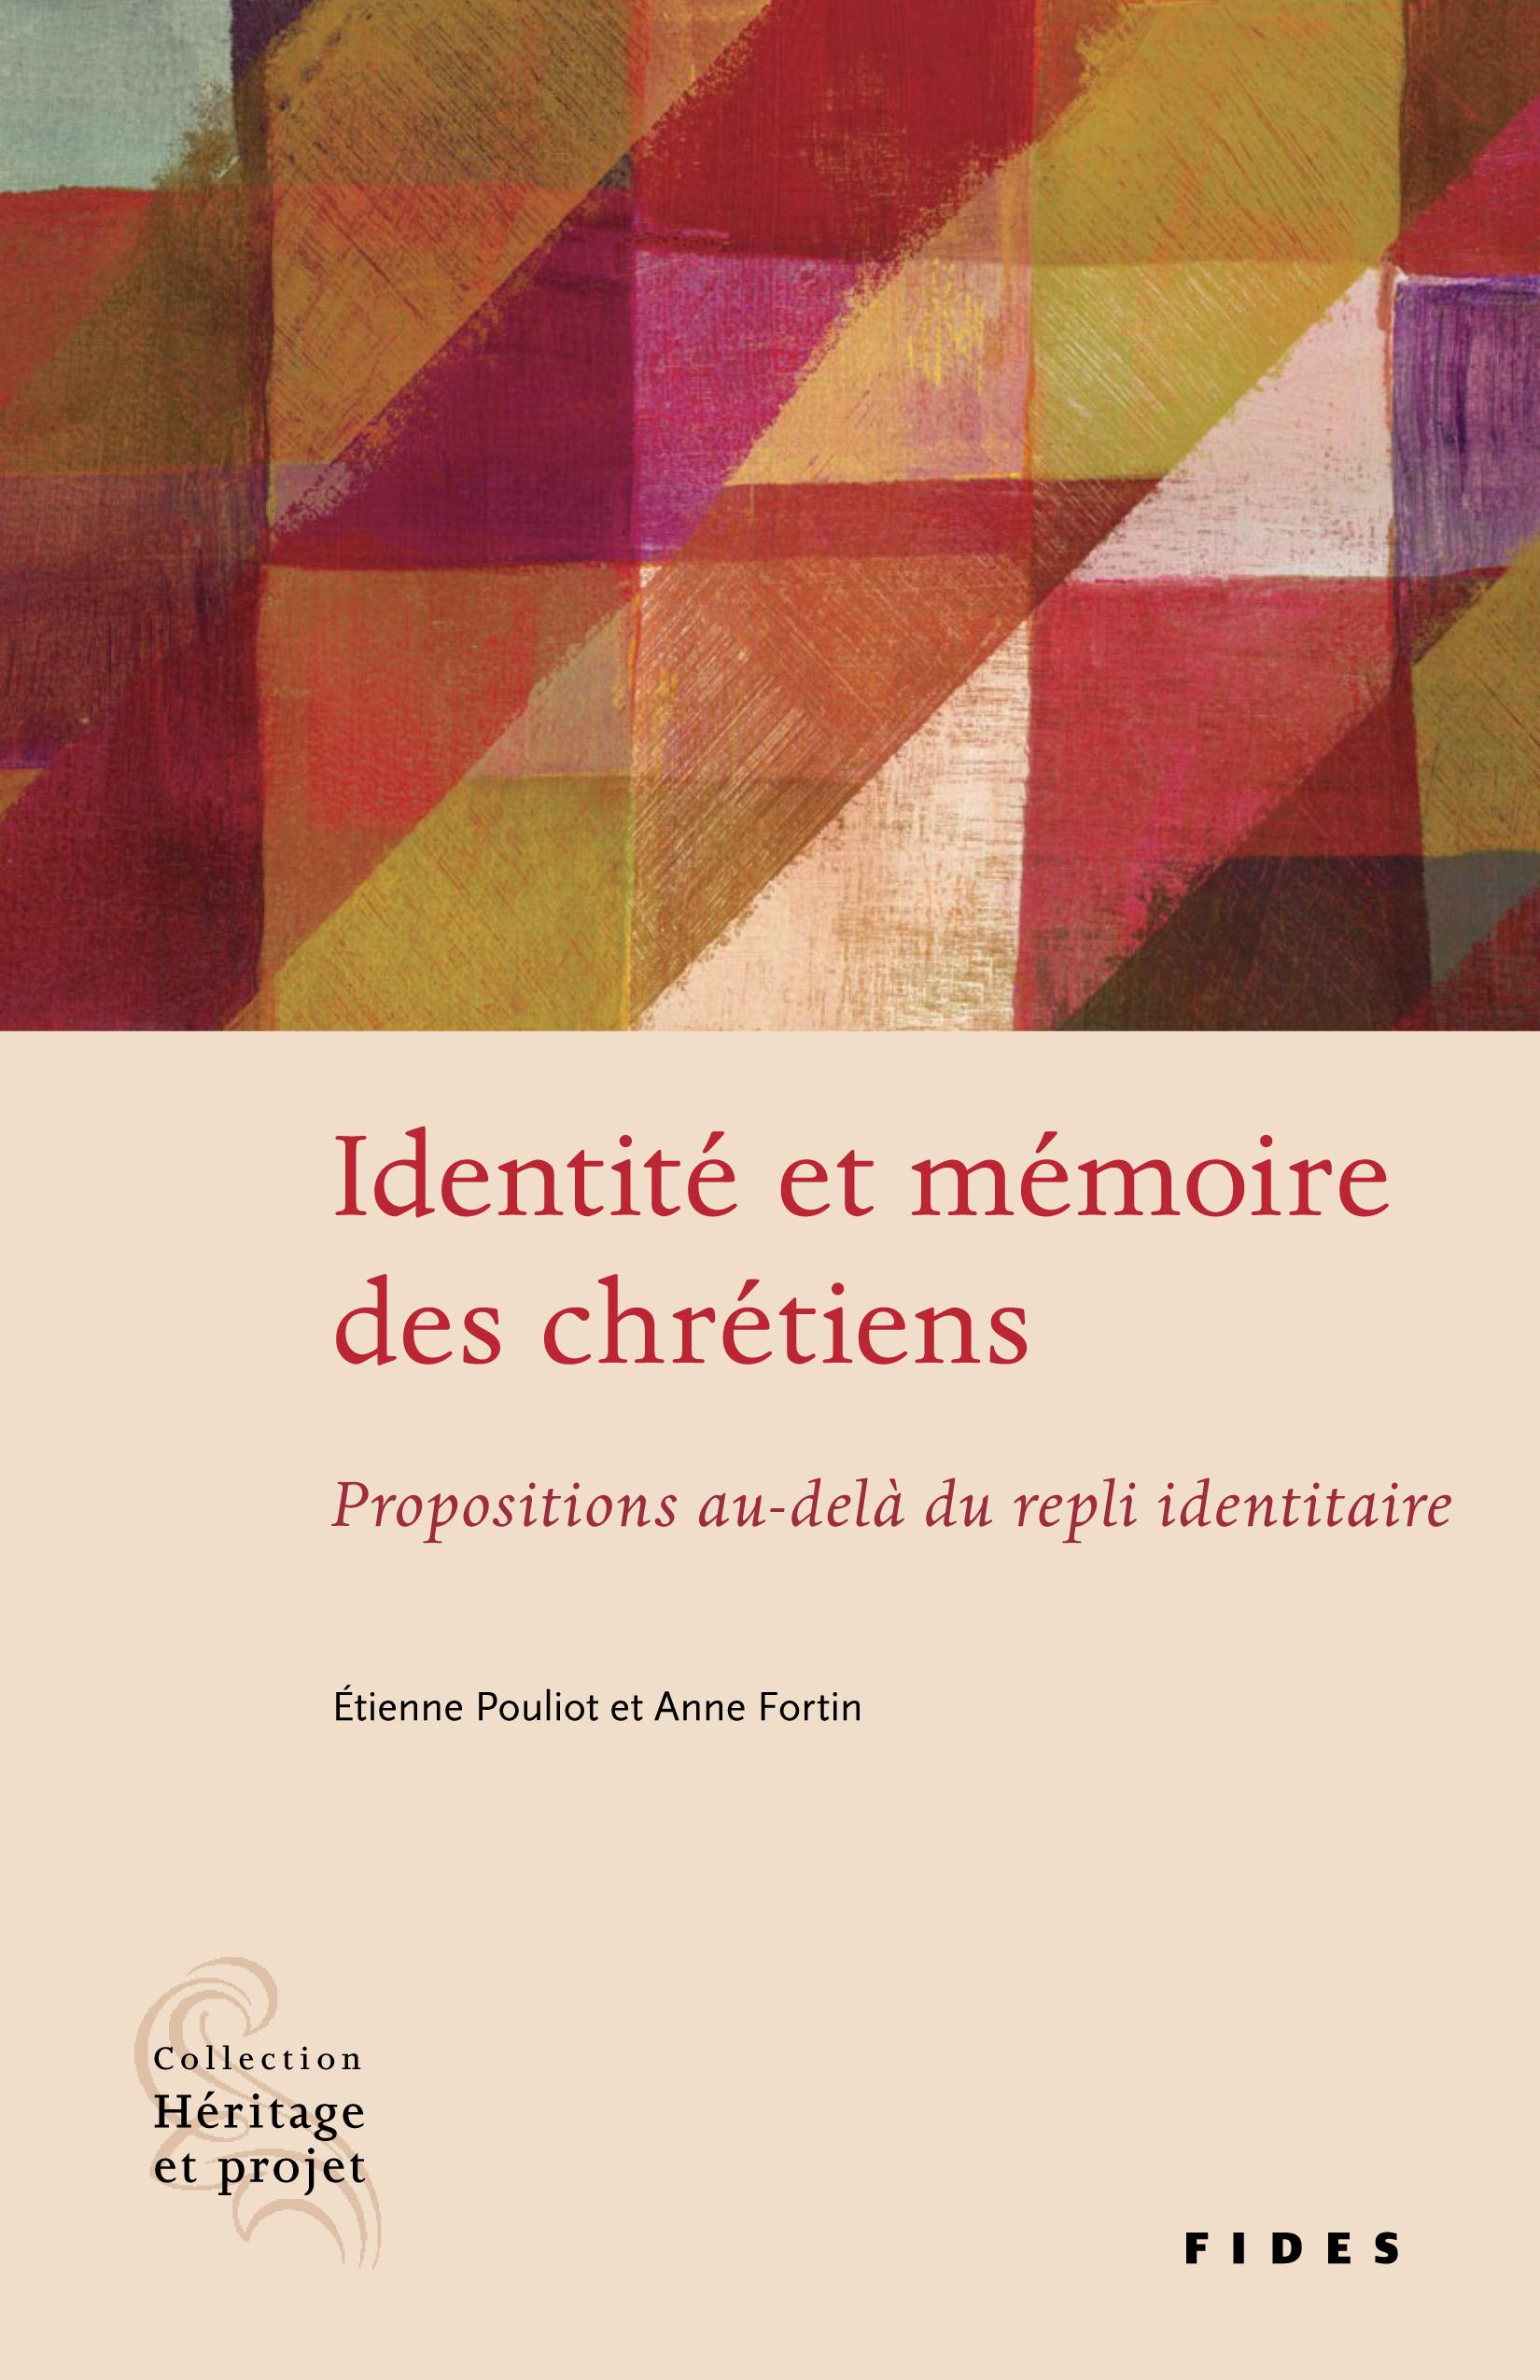 Identité et mémoire des chrétiens, Propositions au-delà d'un repli identitaire